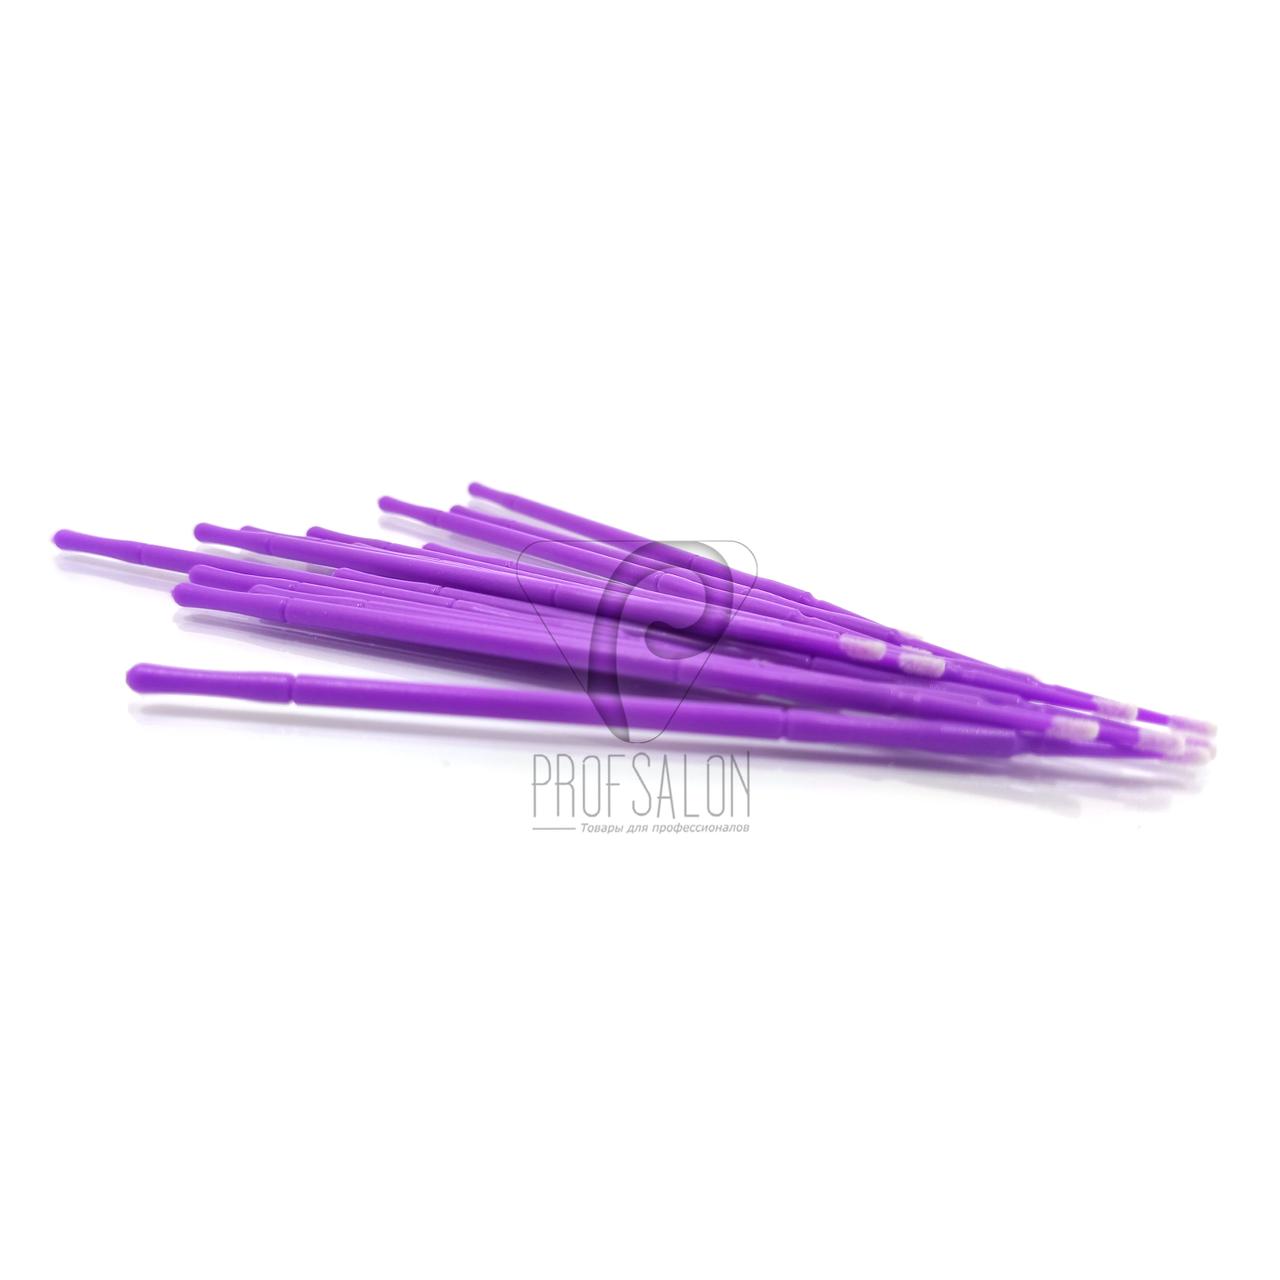 Микроапликаторы UltraFine (100шт в тубусе), фиолетовые, 1,5мм